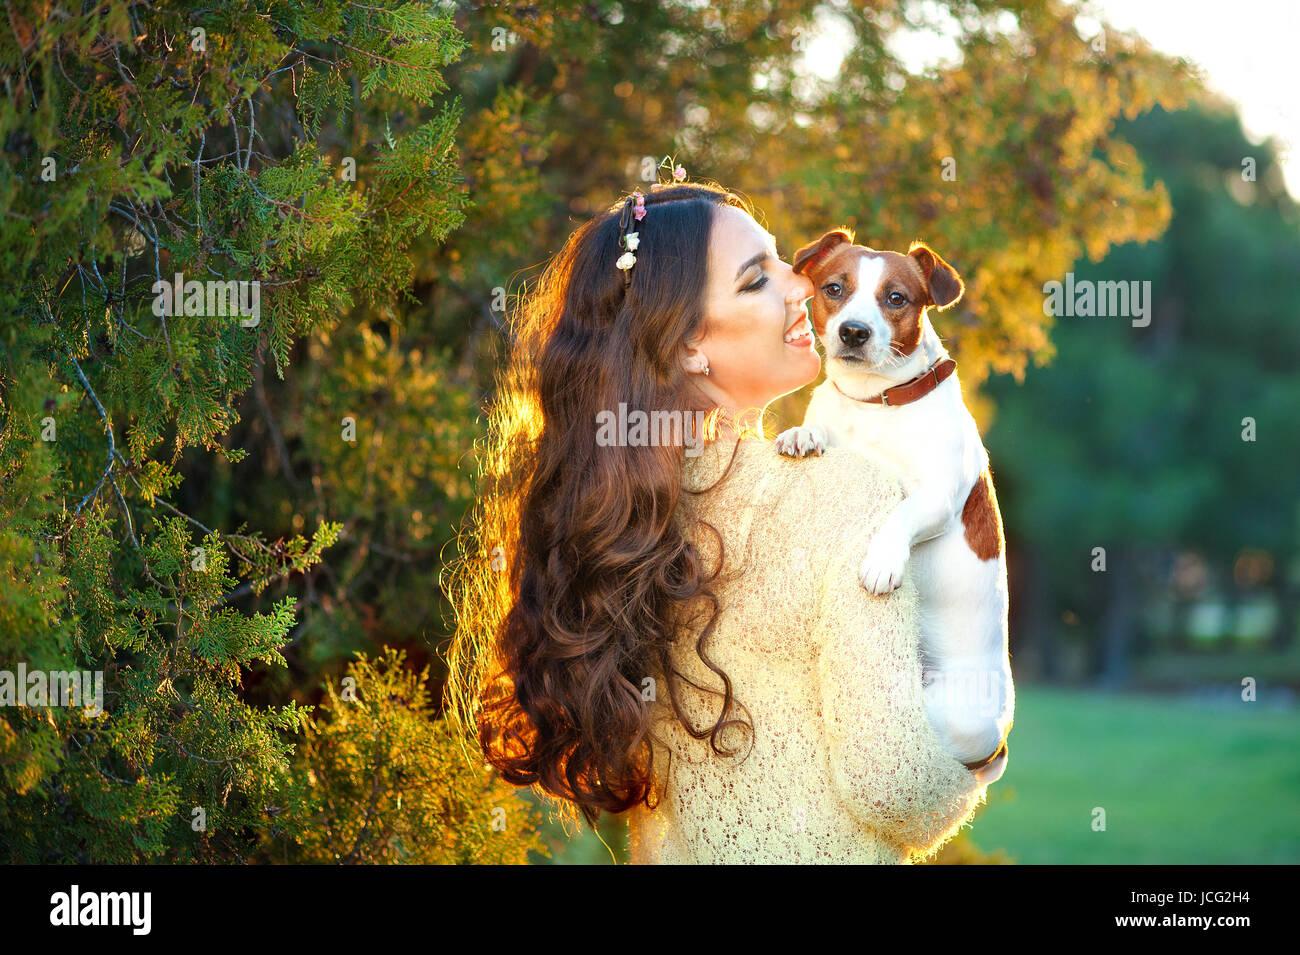 Schöne Frau mit ihrem Hund Jack Russell Terrier spielen. Outdoor-Porträt. Serie Stockbild